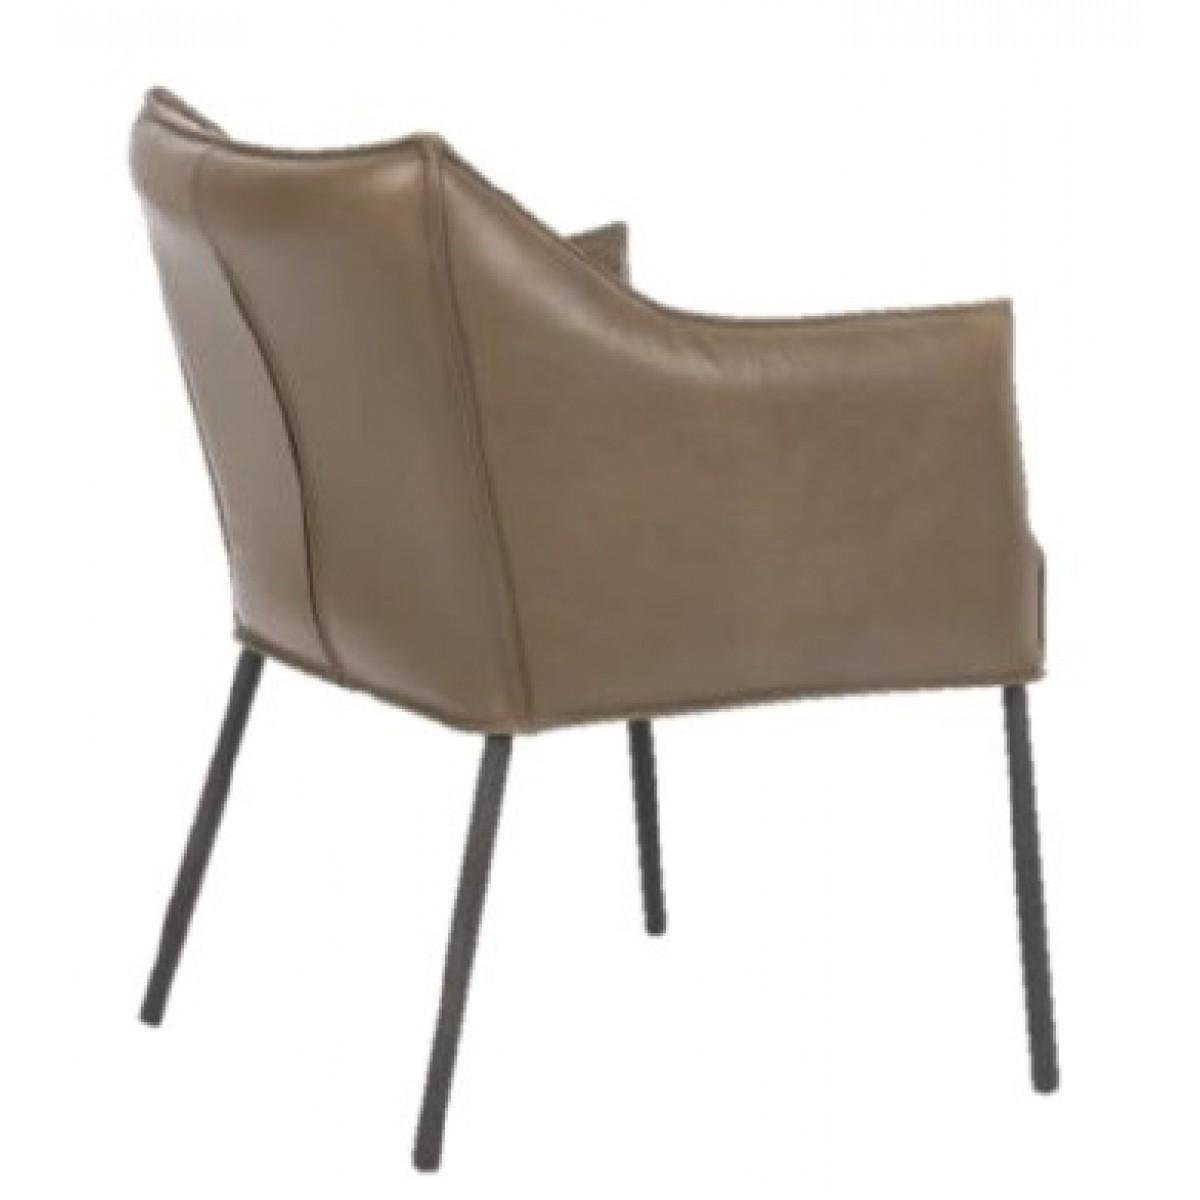 fortuna-stoel-armstoel-schuin-achter